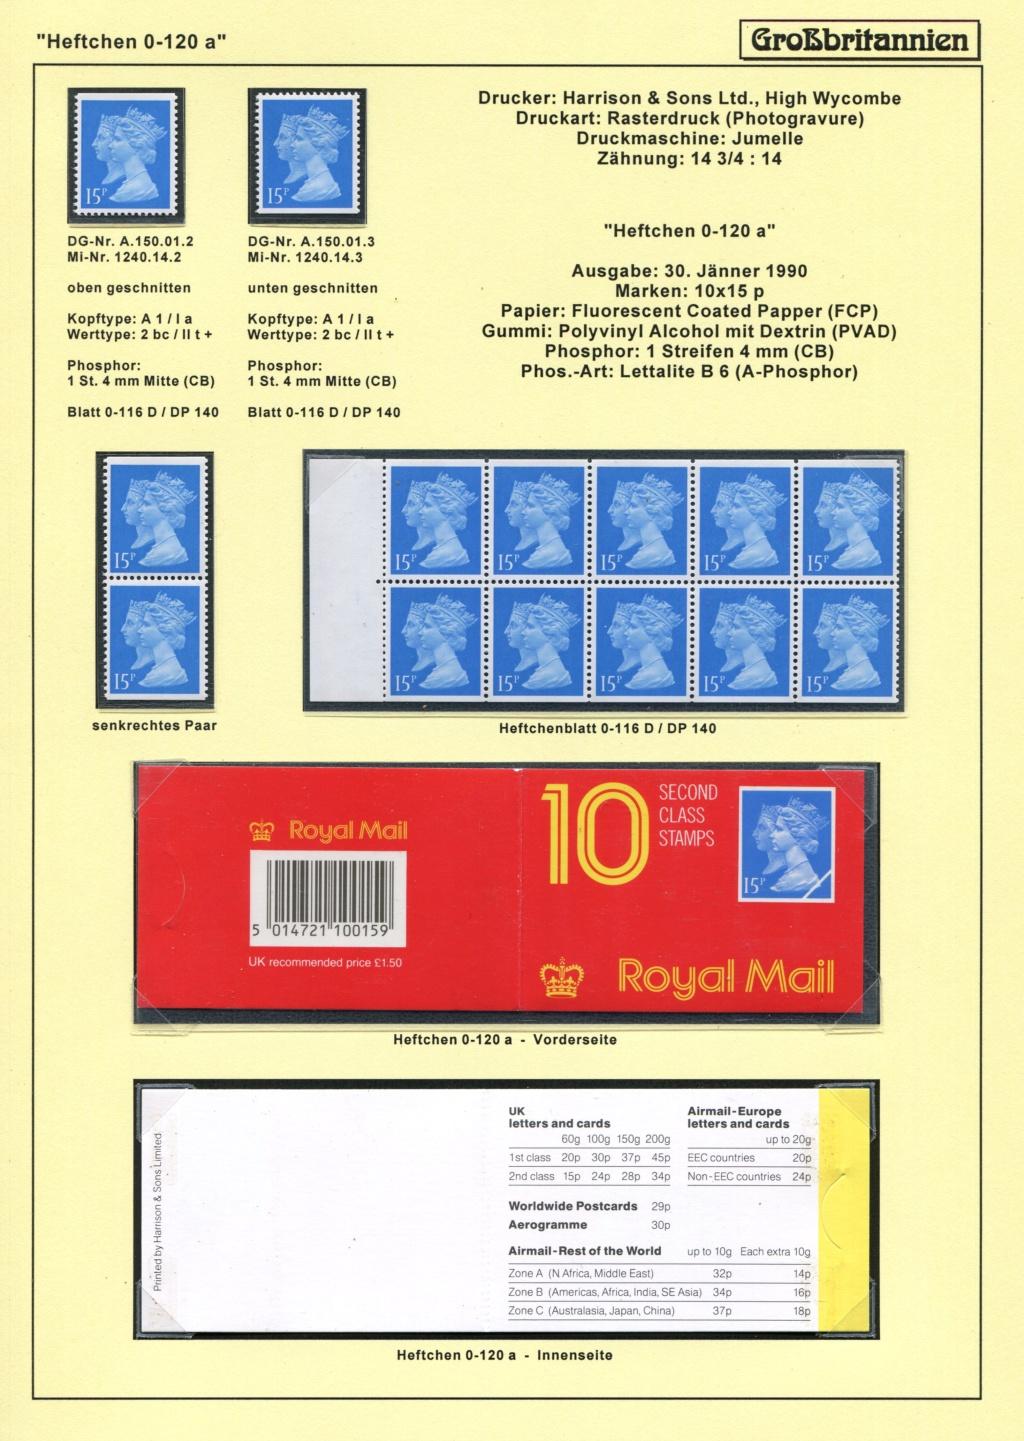 Großbritannien - 150 Jahre Briefmarken Black_20